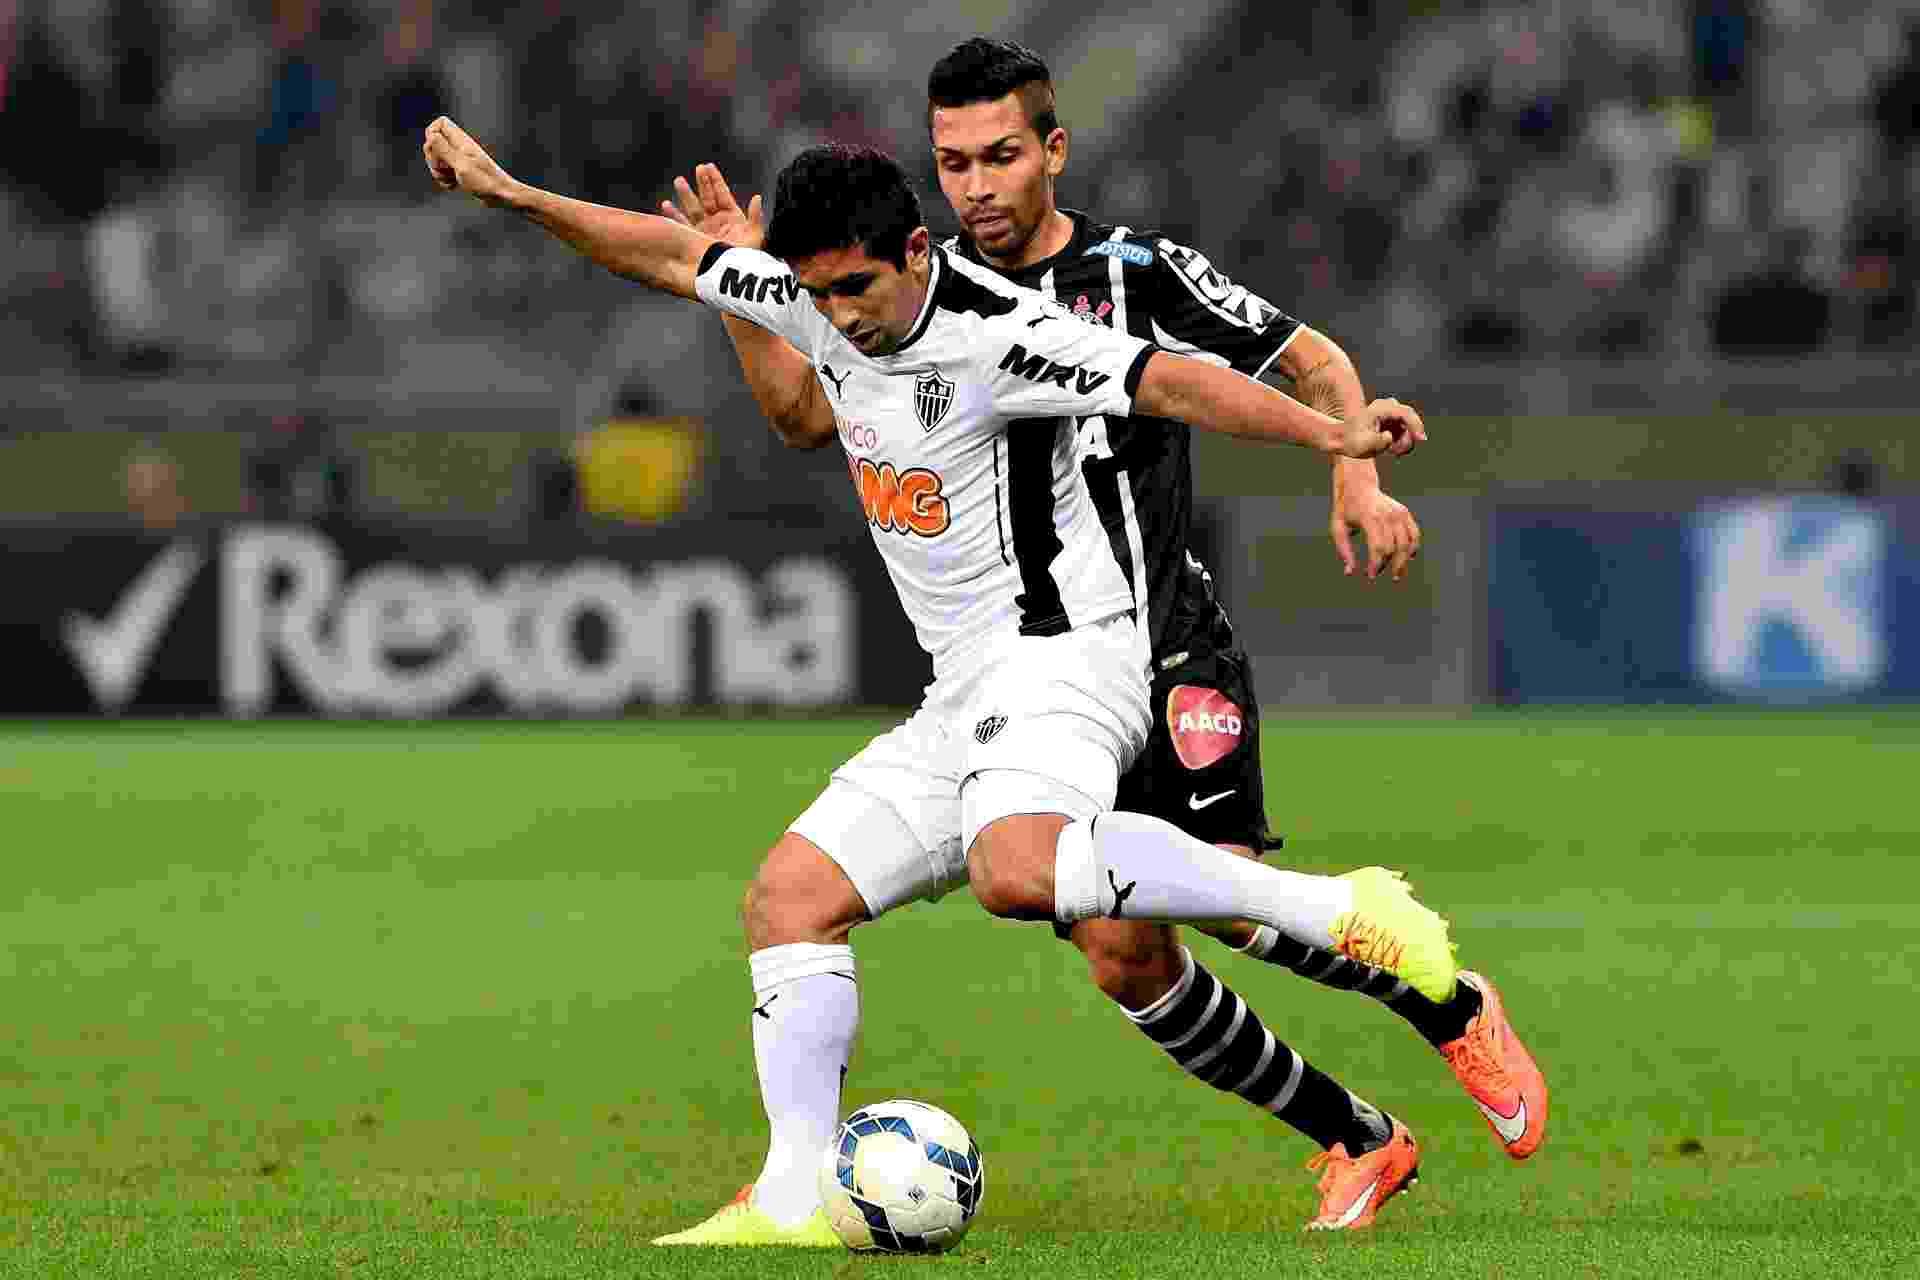 Guilherme e Petros disputam bola no Mineirão - Buda Mendes/Getty Images